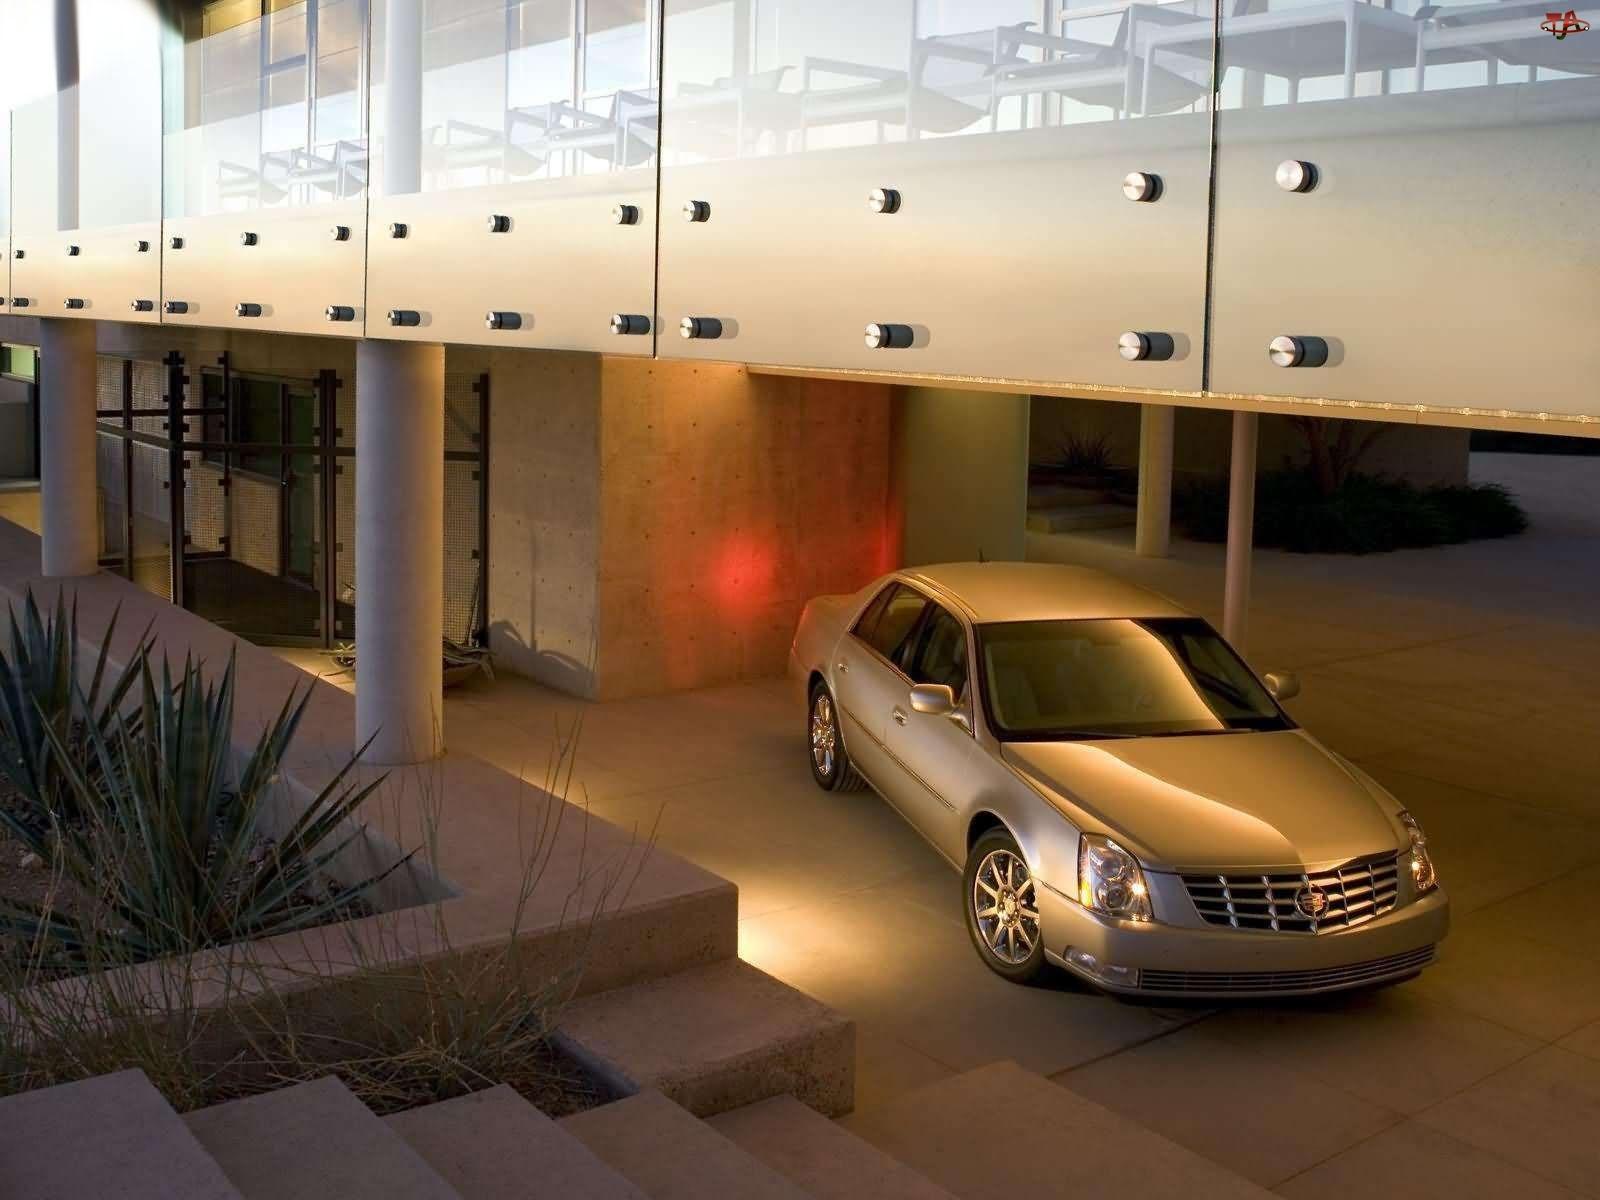 Parking, Cadillac DTS, Reklama